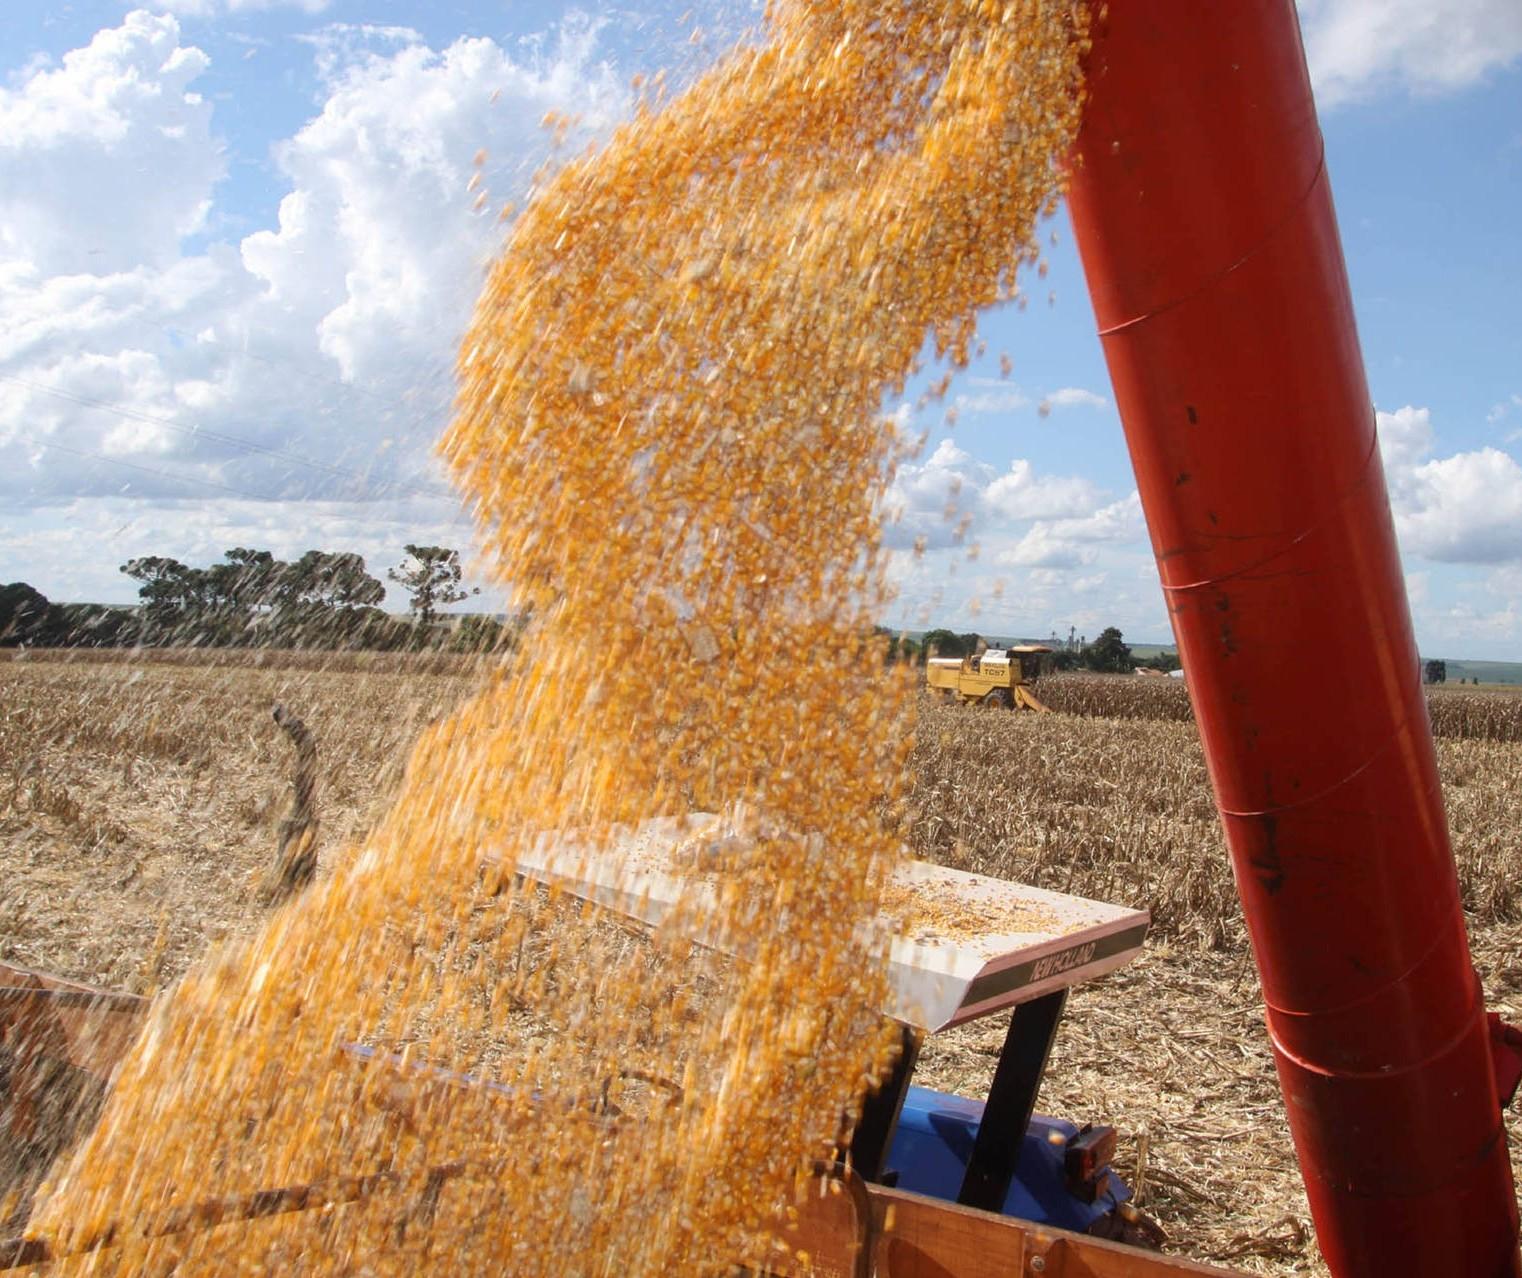 PR: Safra de grãos 2018/19 está sendo encerrada com total estimado de 36,3 mi de toneladas